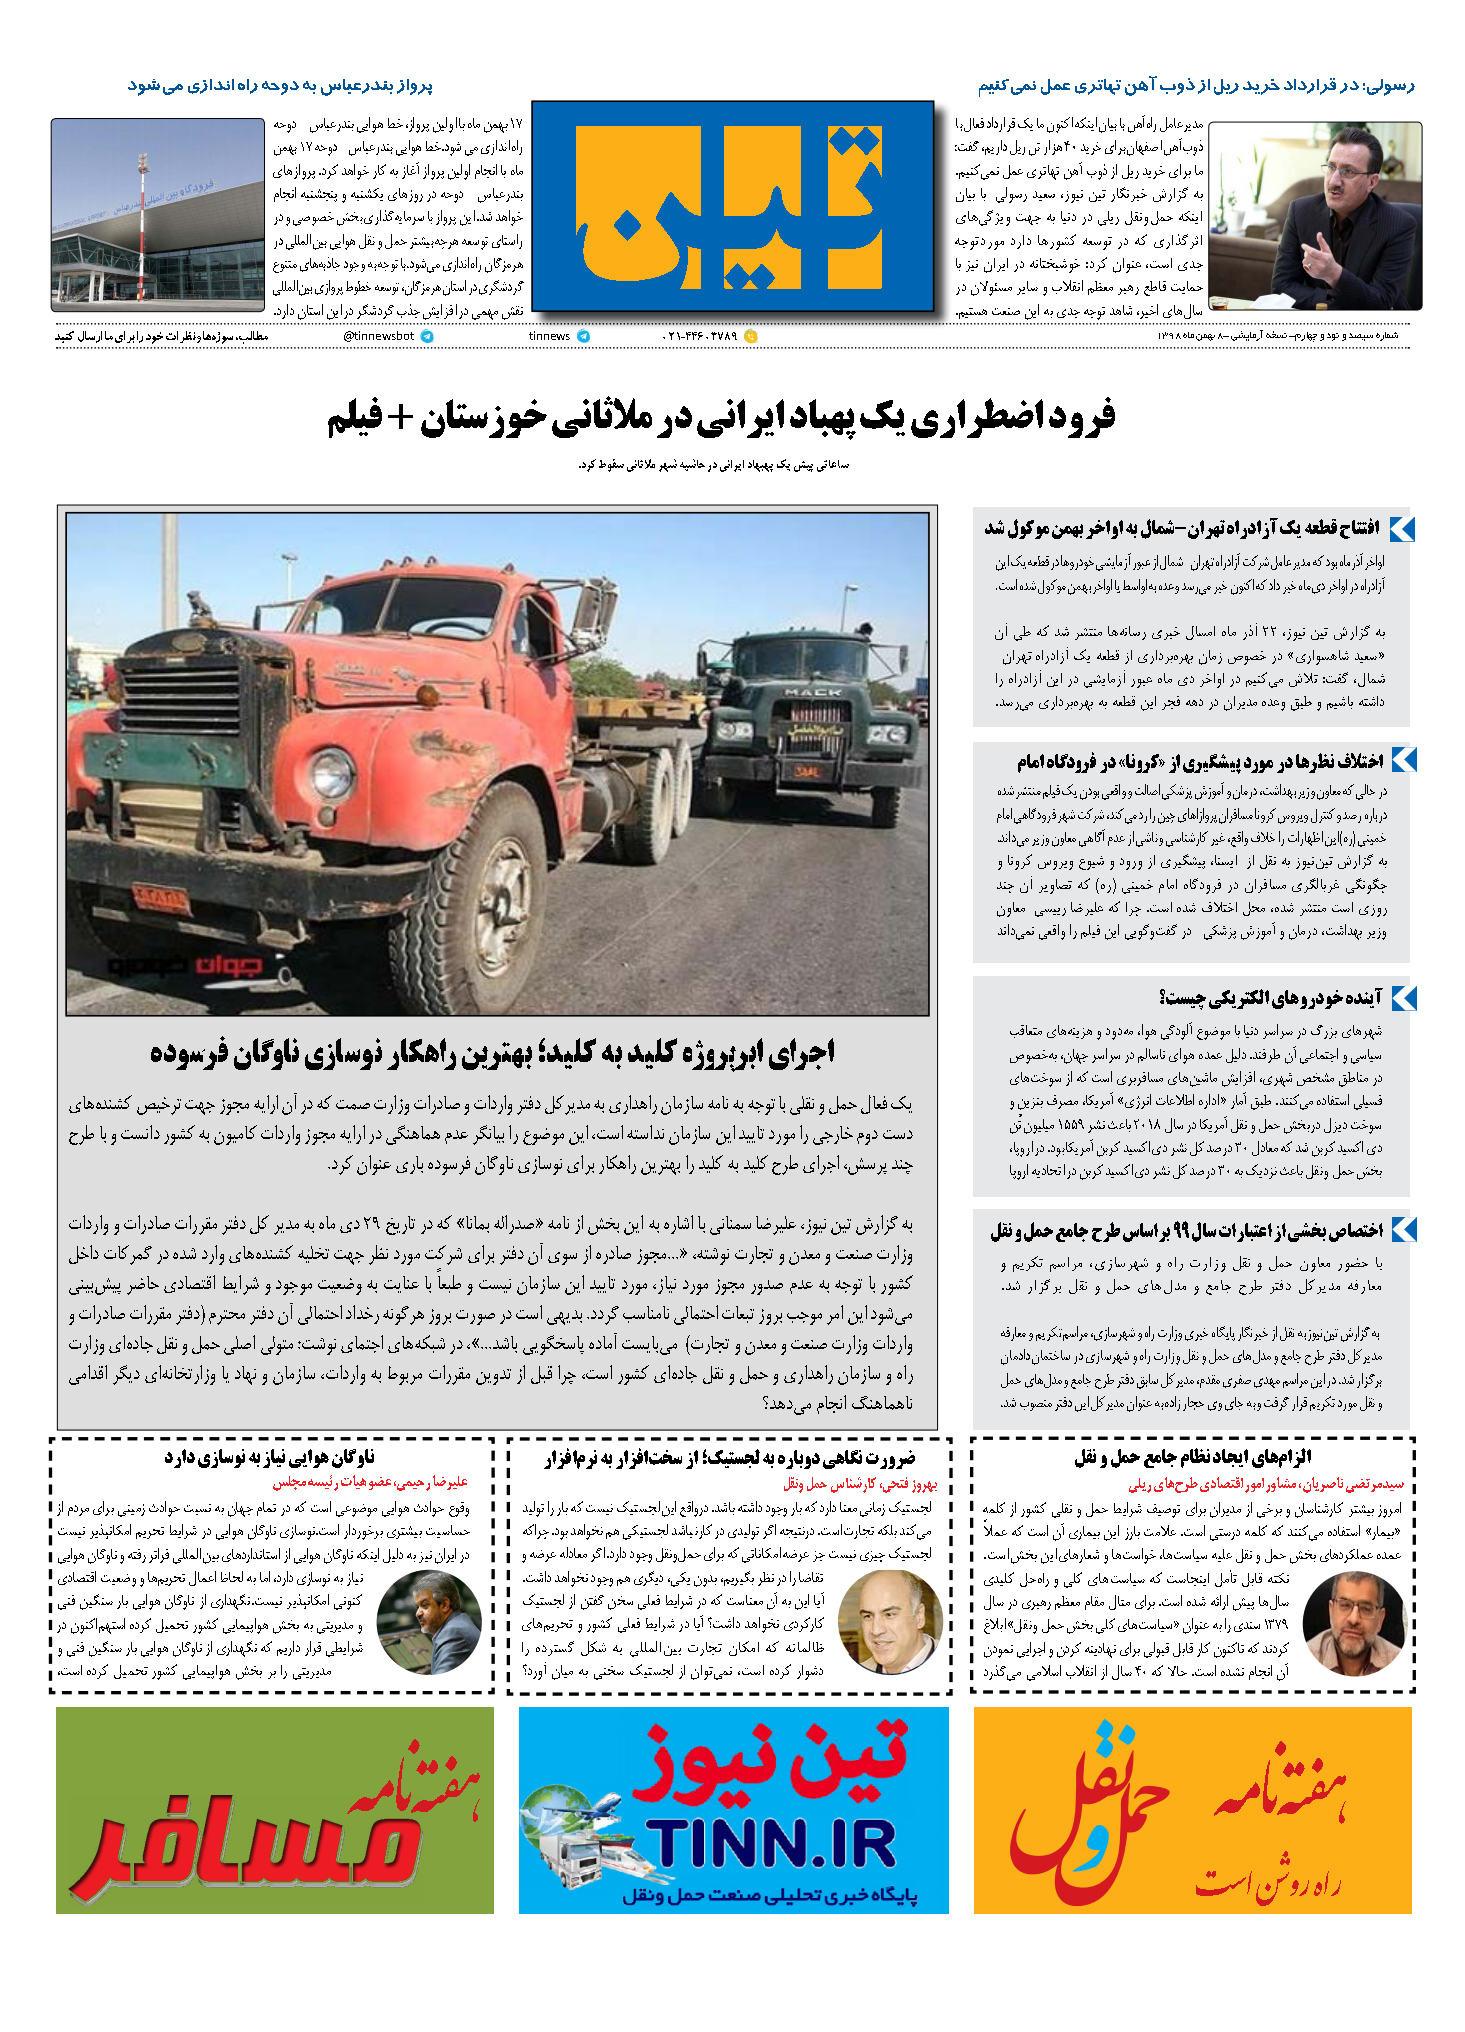 روزنامه الکترونیک 8 بهمن ماه 98